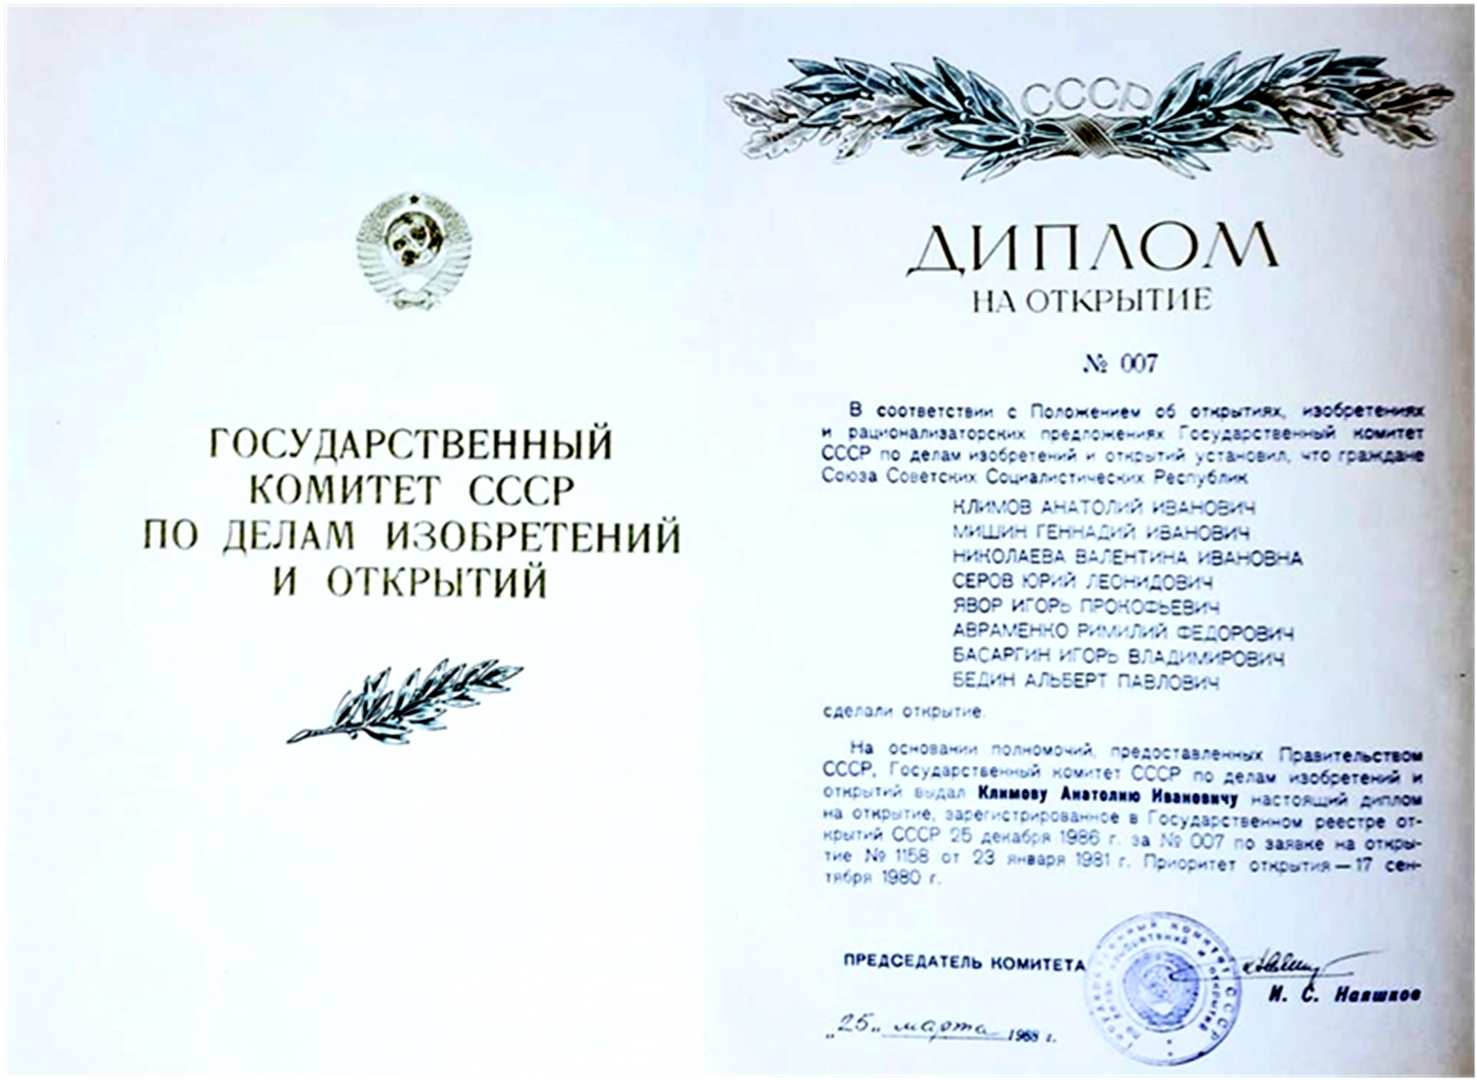 Рис. 2. Диплом на открытие №007 от 25 марта 1988 годаГосударственного комитета СССР по делам изобретений и открытий